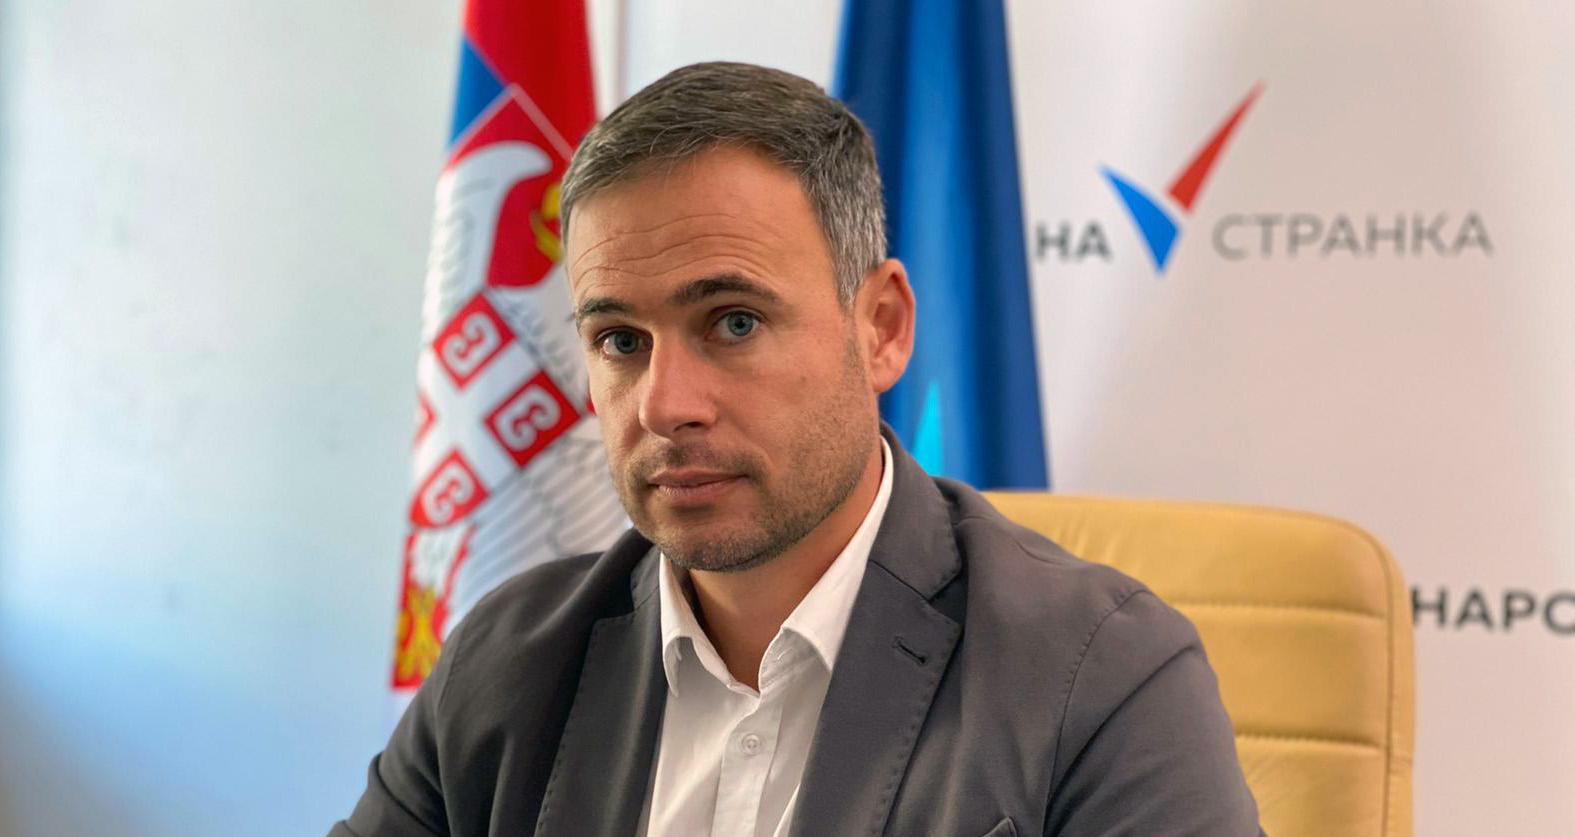 Алексић: Европа више не ћути о криминалу у Србији, Вучић ће морати да објасни Јовањицу